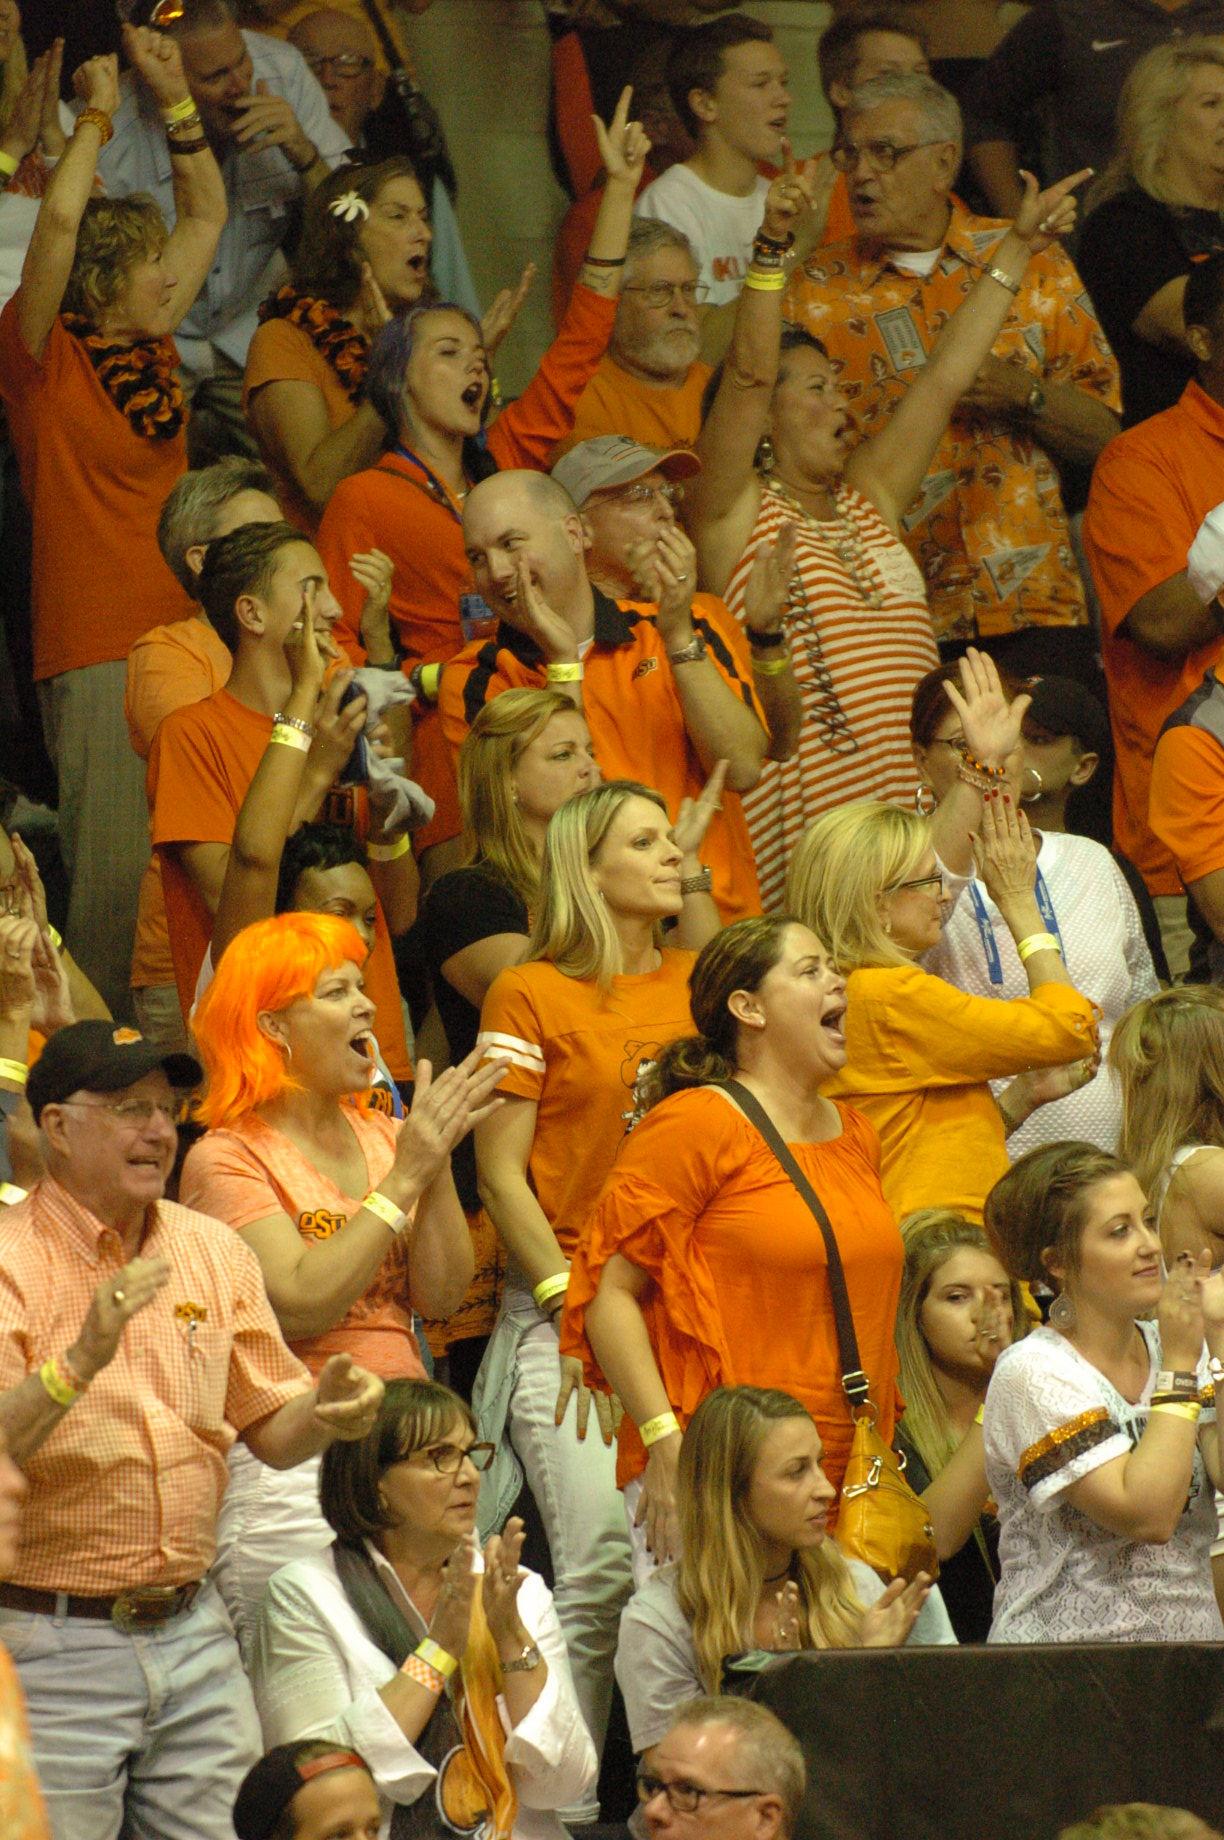 OSU fans. PC: Joel B. Tamayo